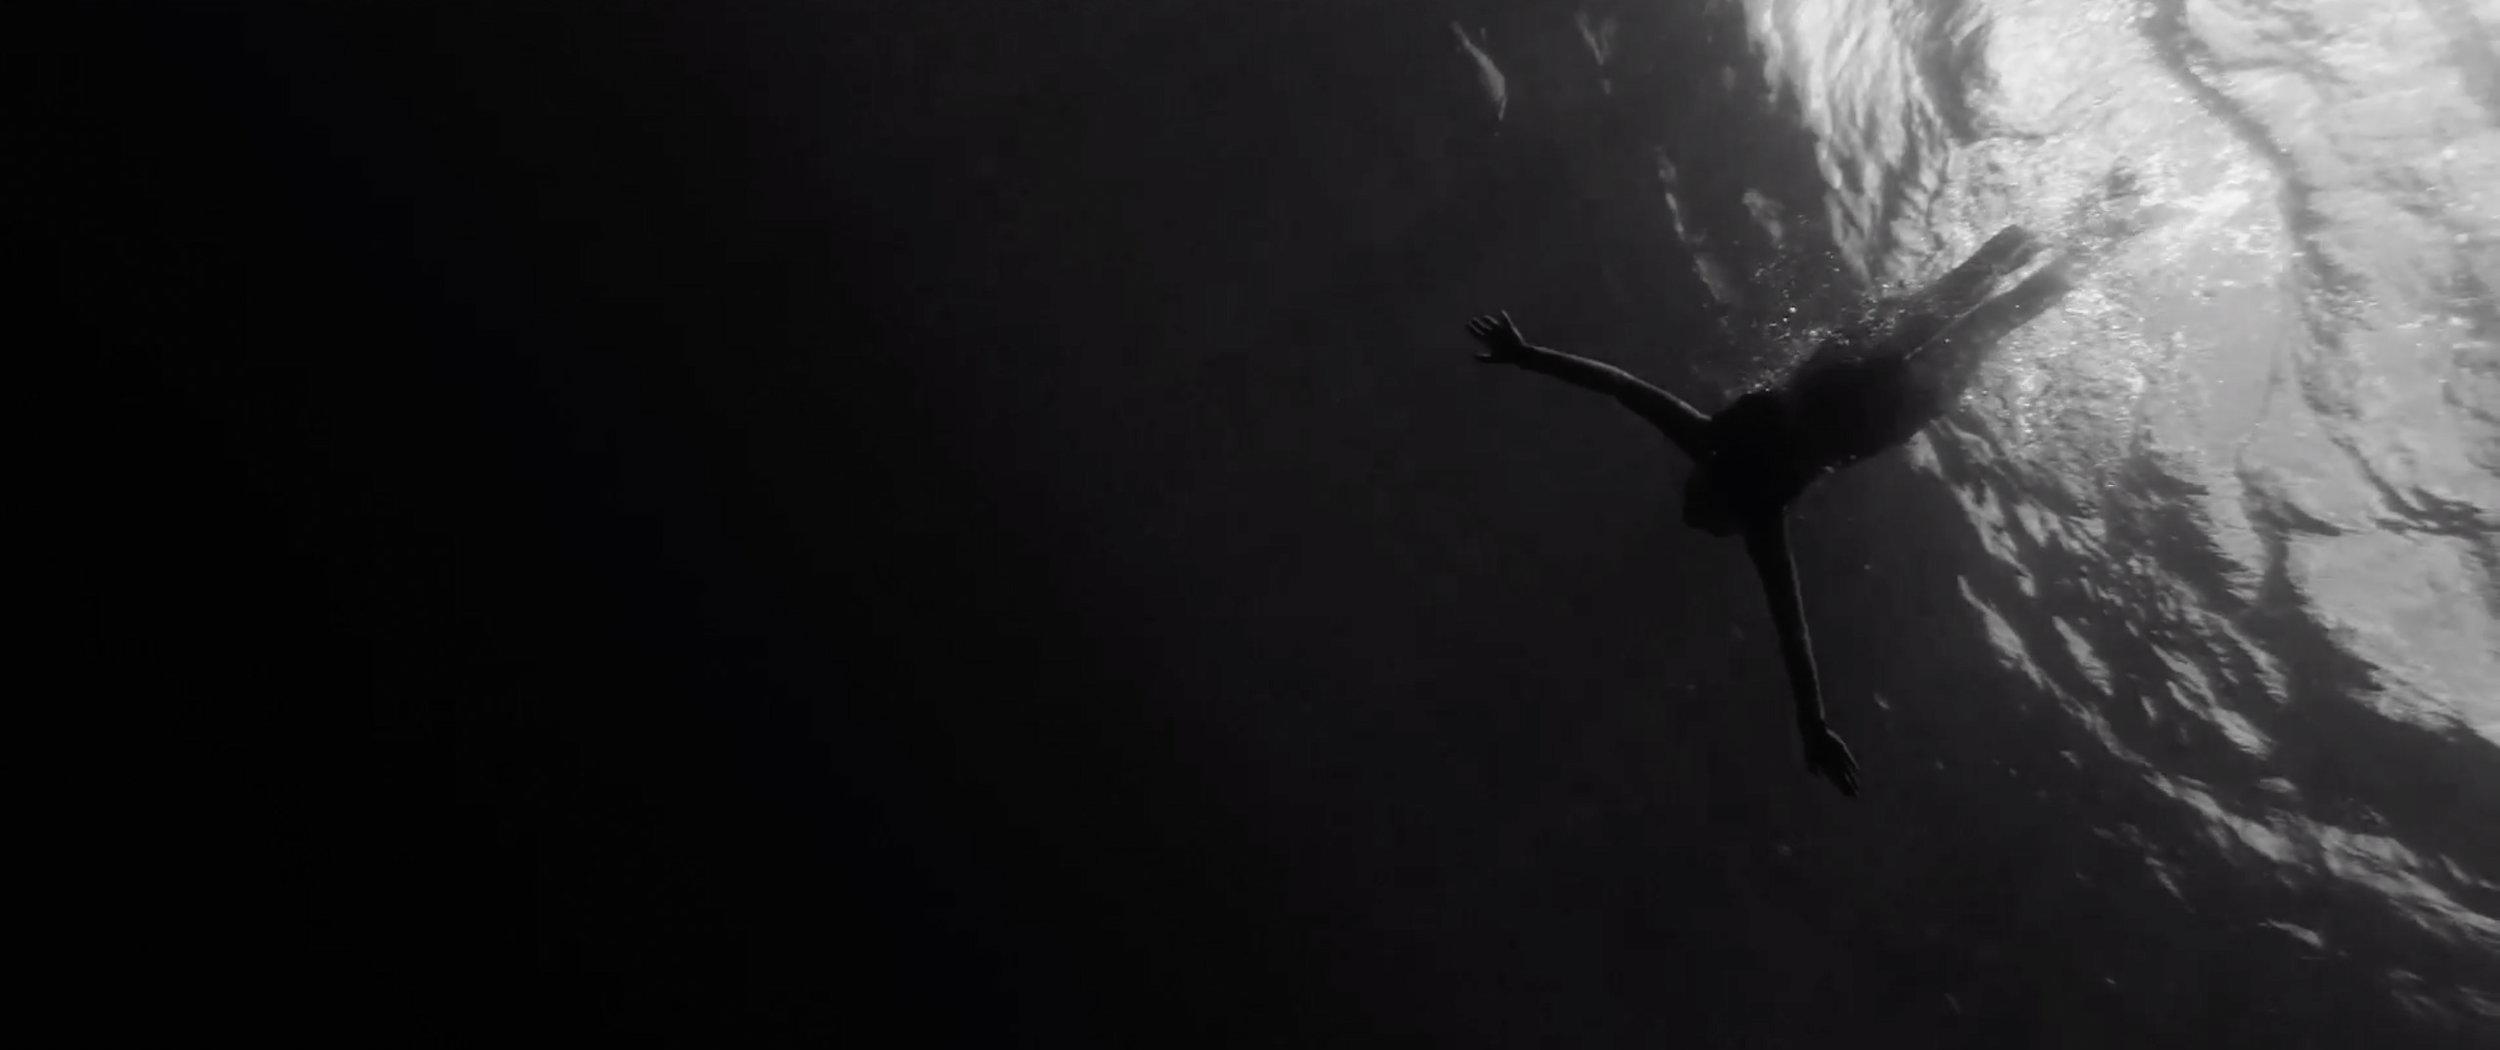 Niklas Nischke - the essence of cool 01.jpg